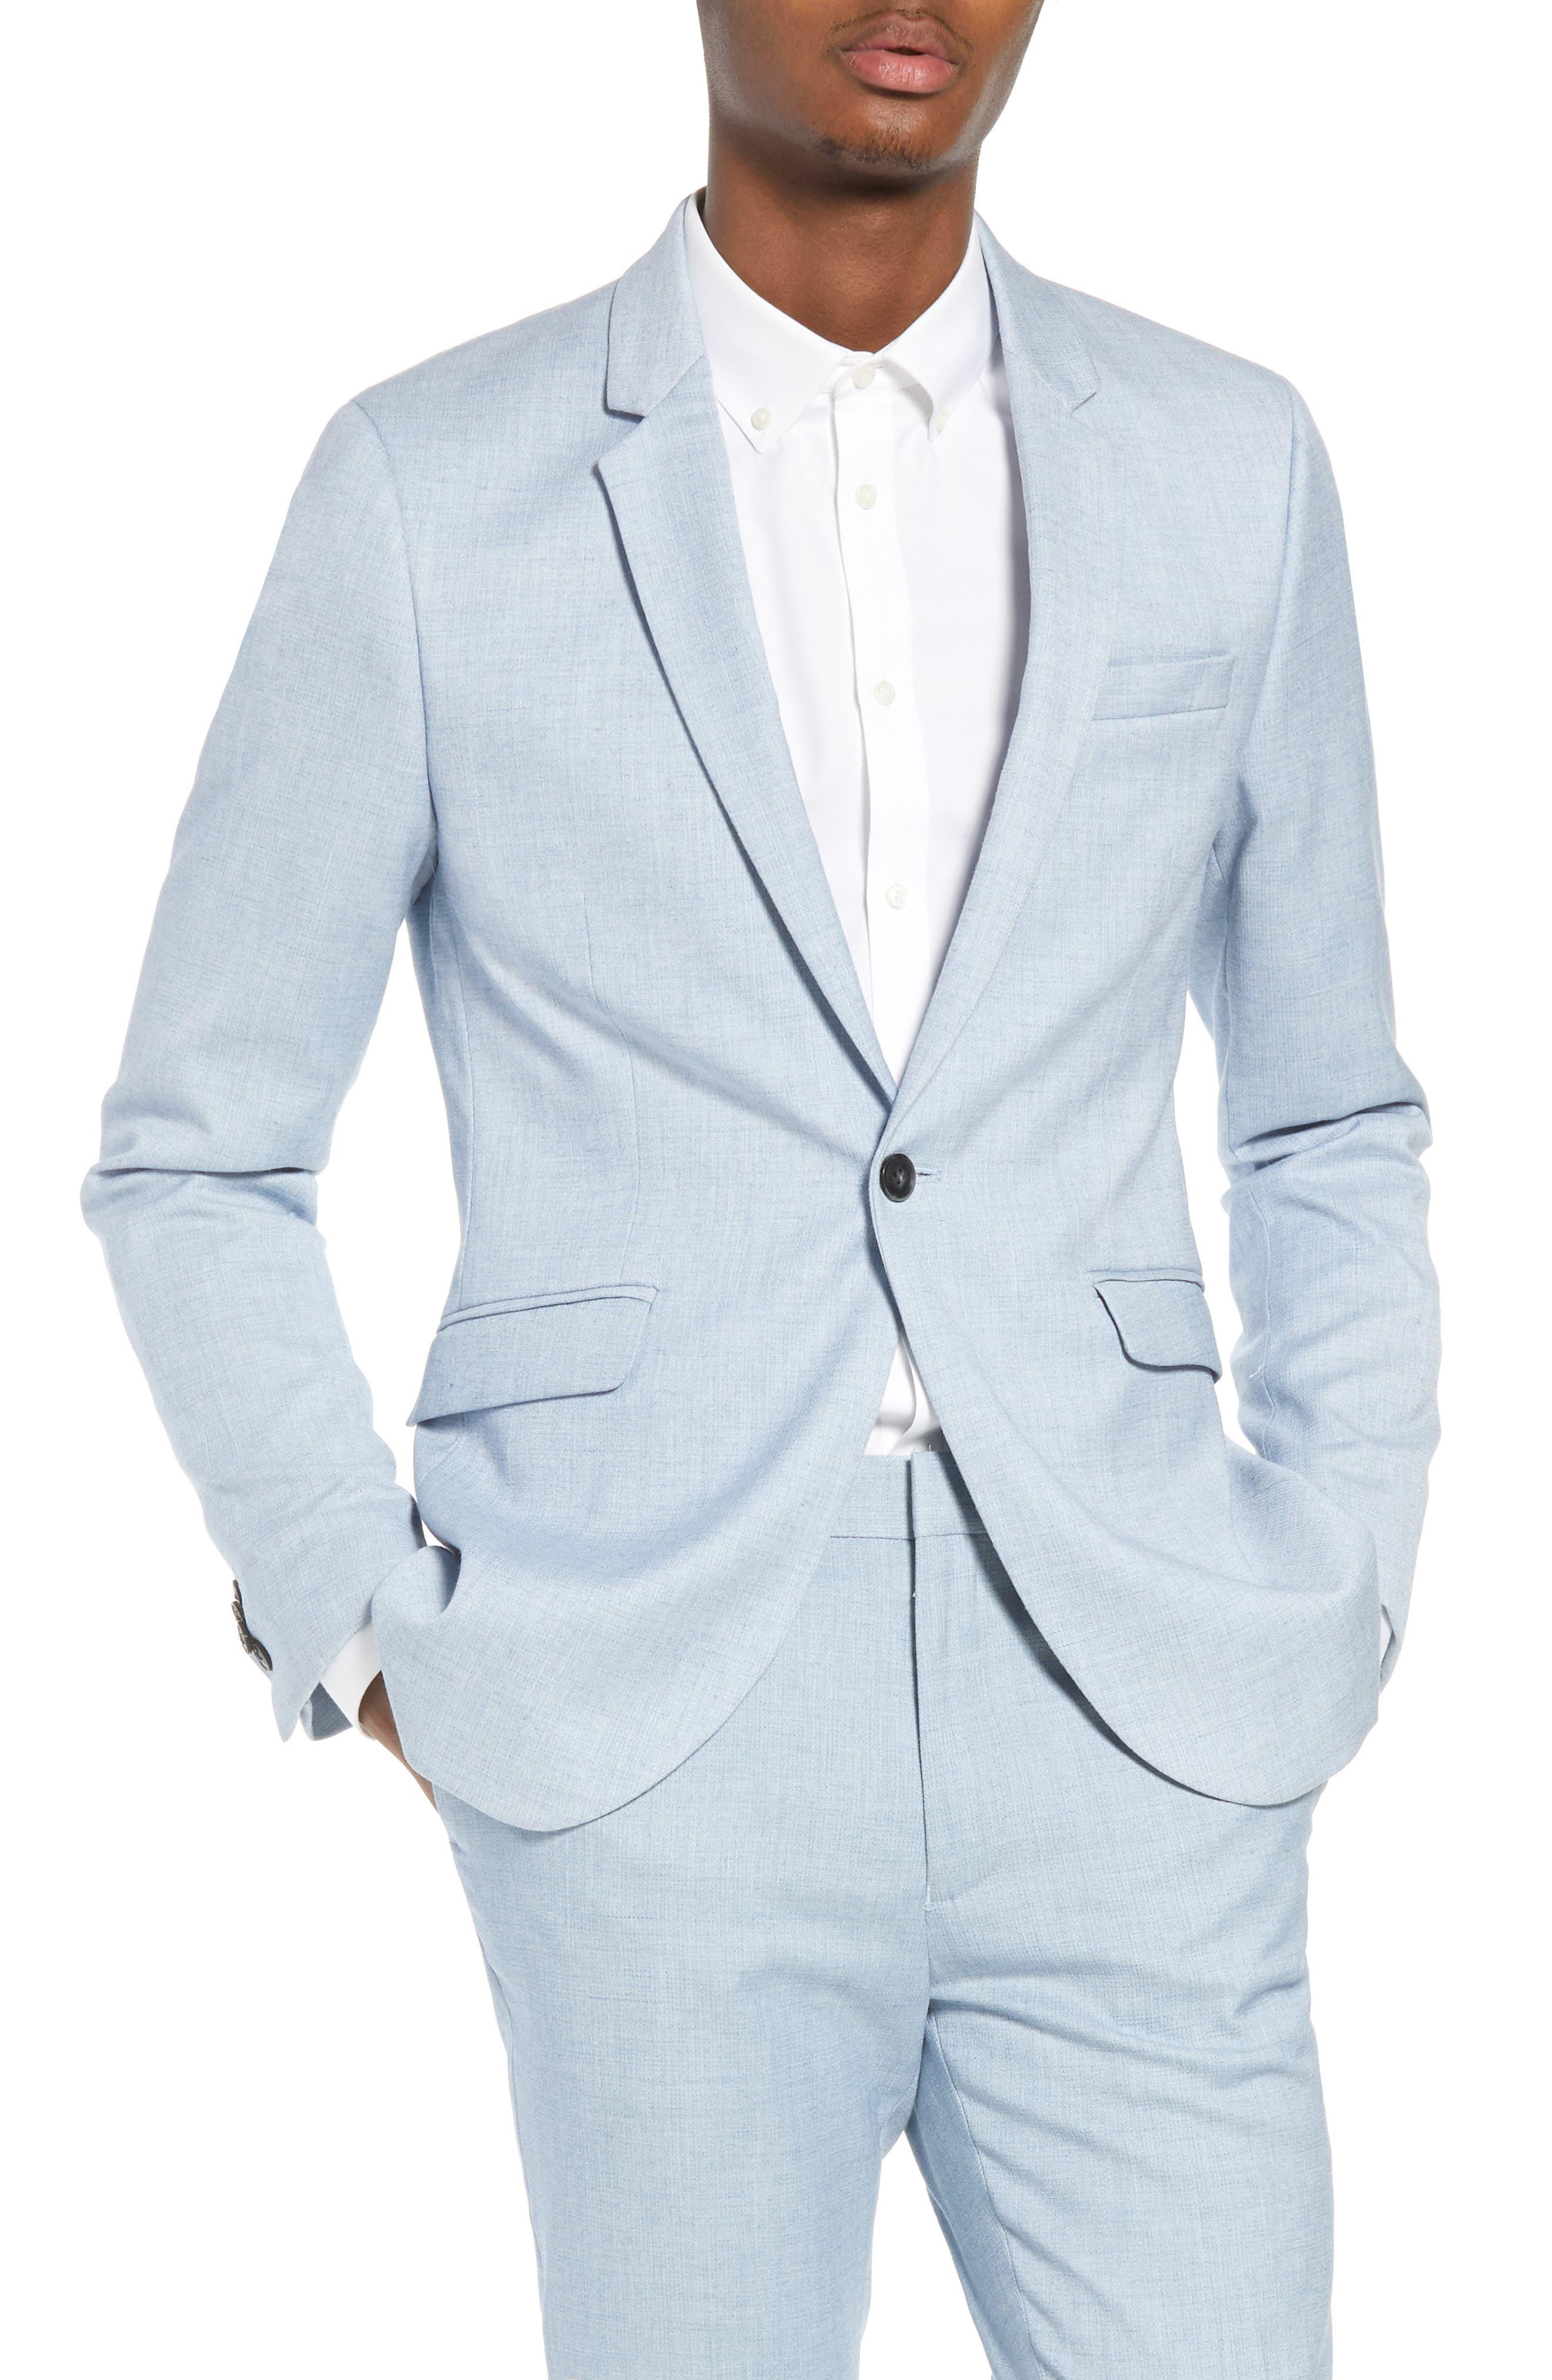 Topman Classic Fit Suit Jacket